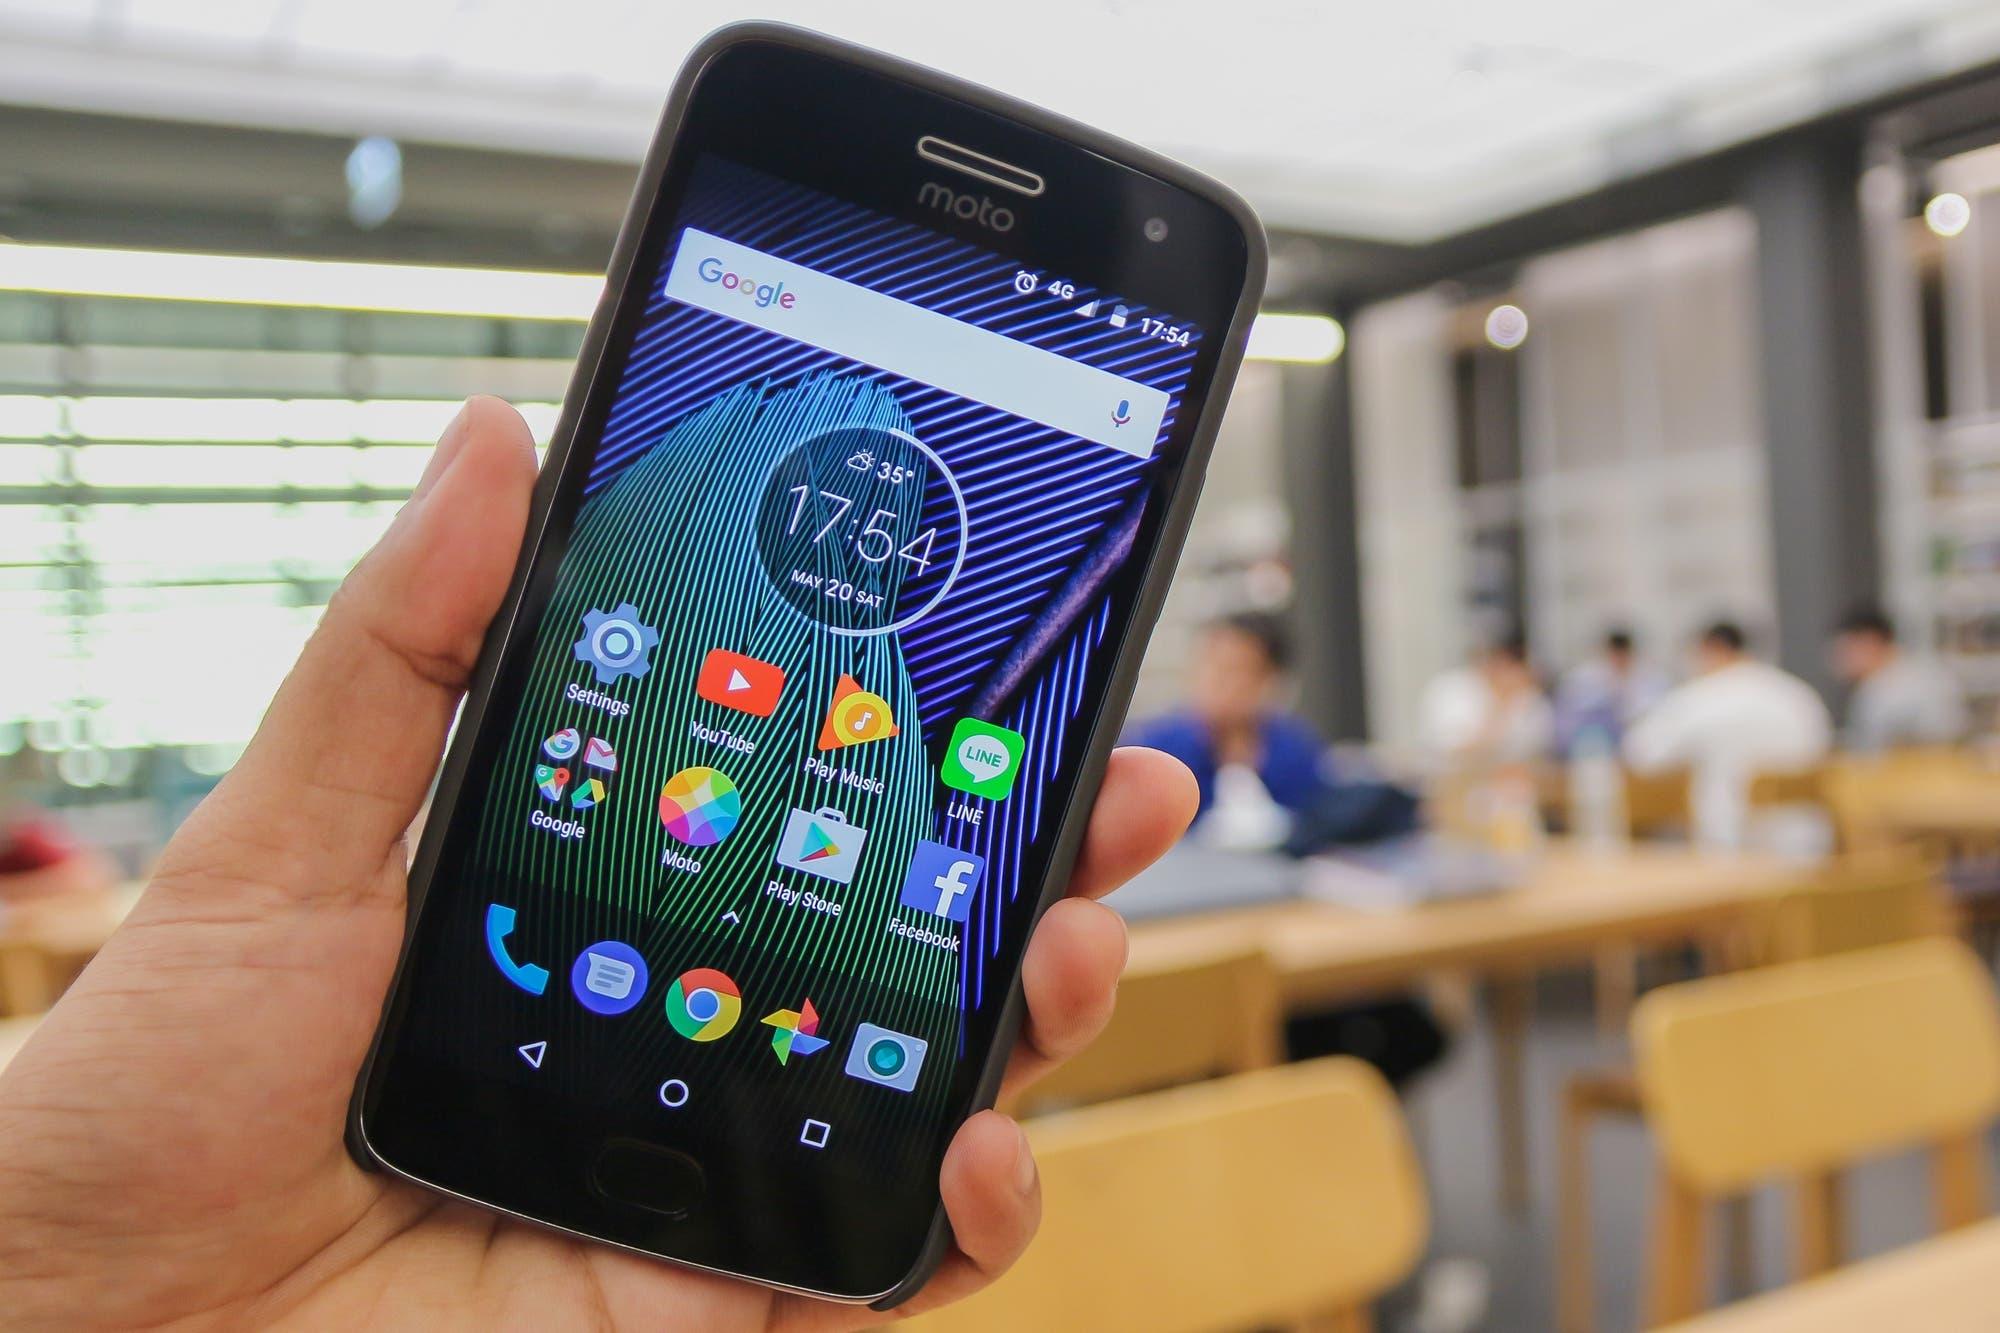 Los smartphones con Android 7.1.1 o anterior tendrán problemas para navegar en 2021